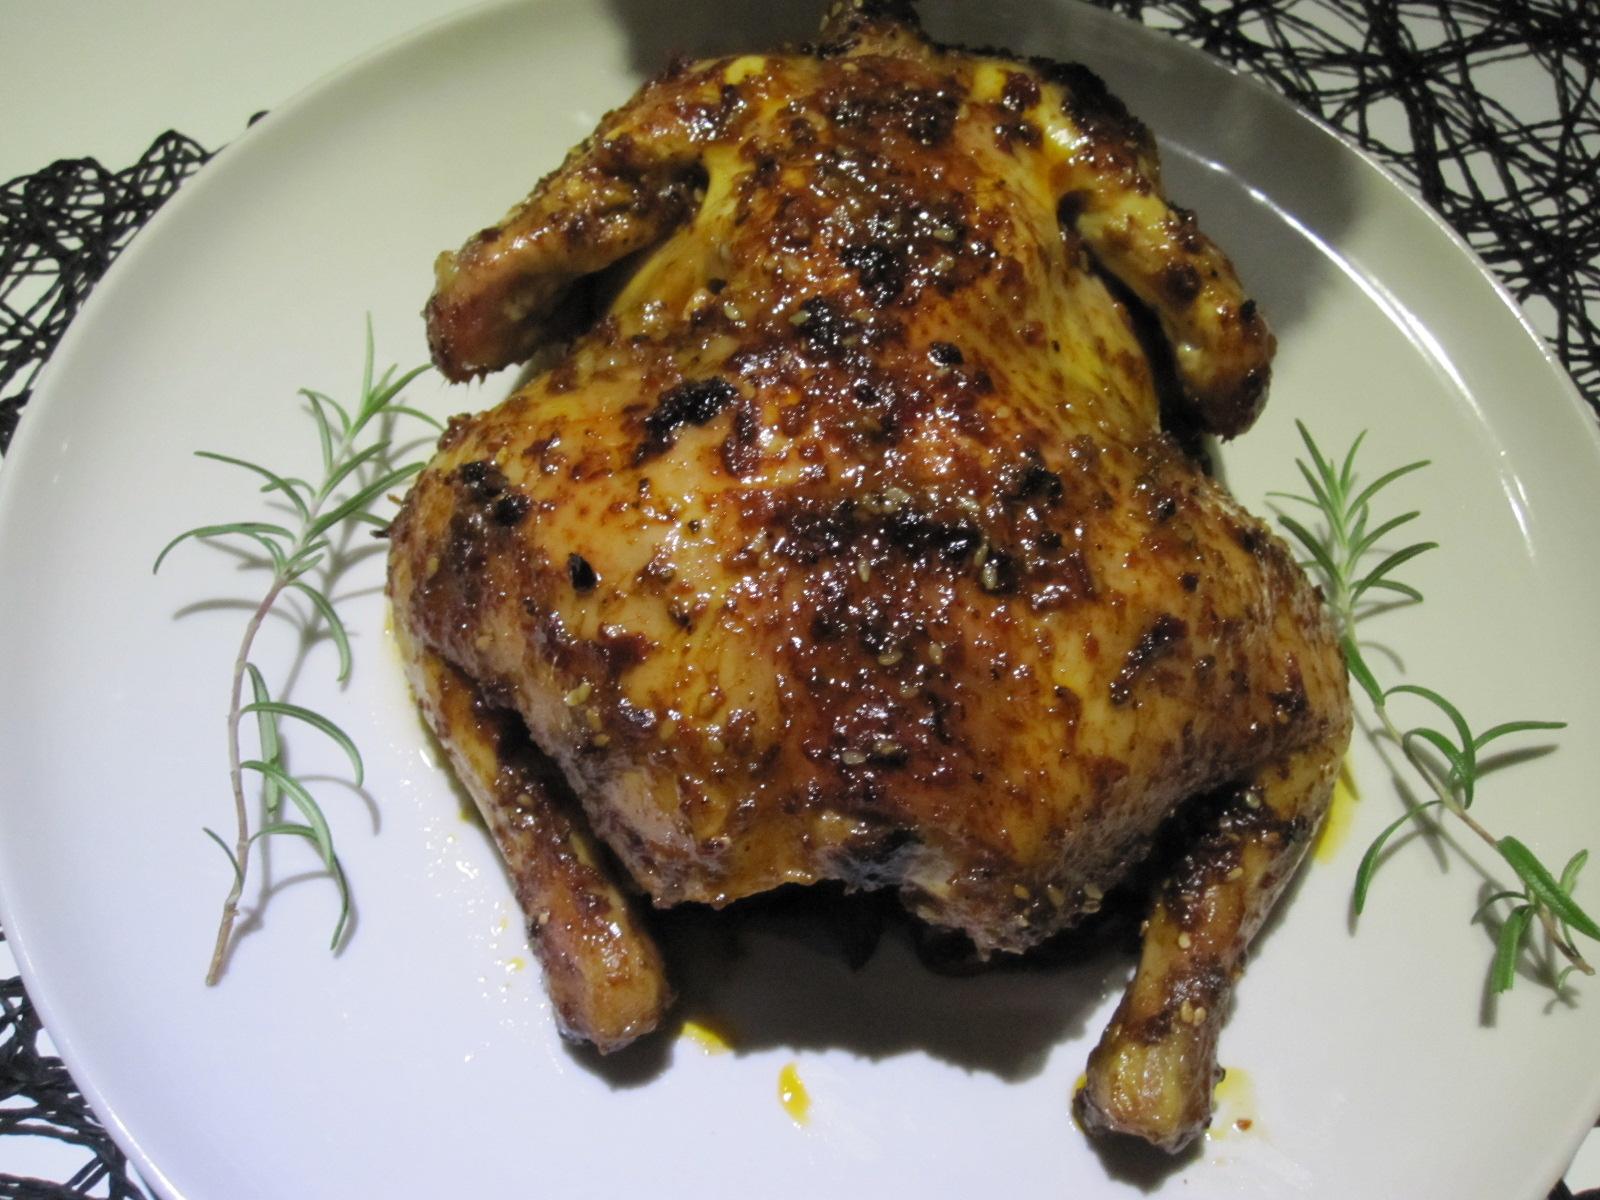 Fırında Soslu Bütün Tavuk Tarifi